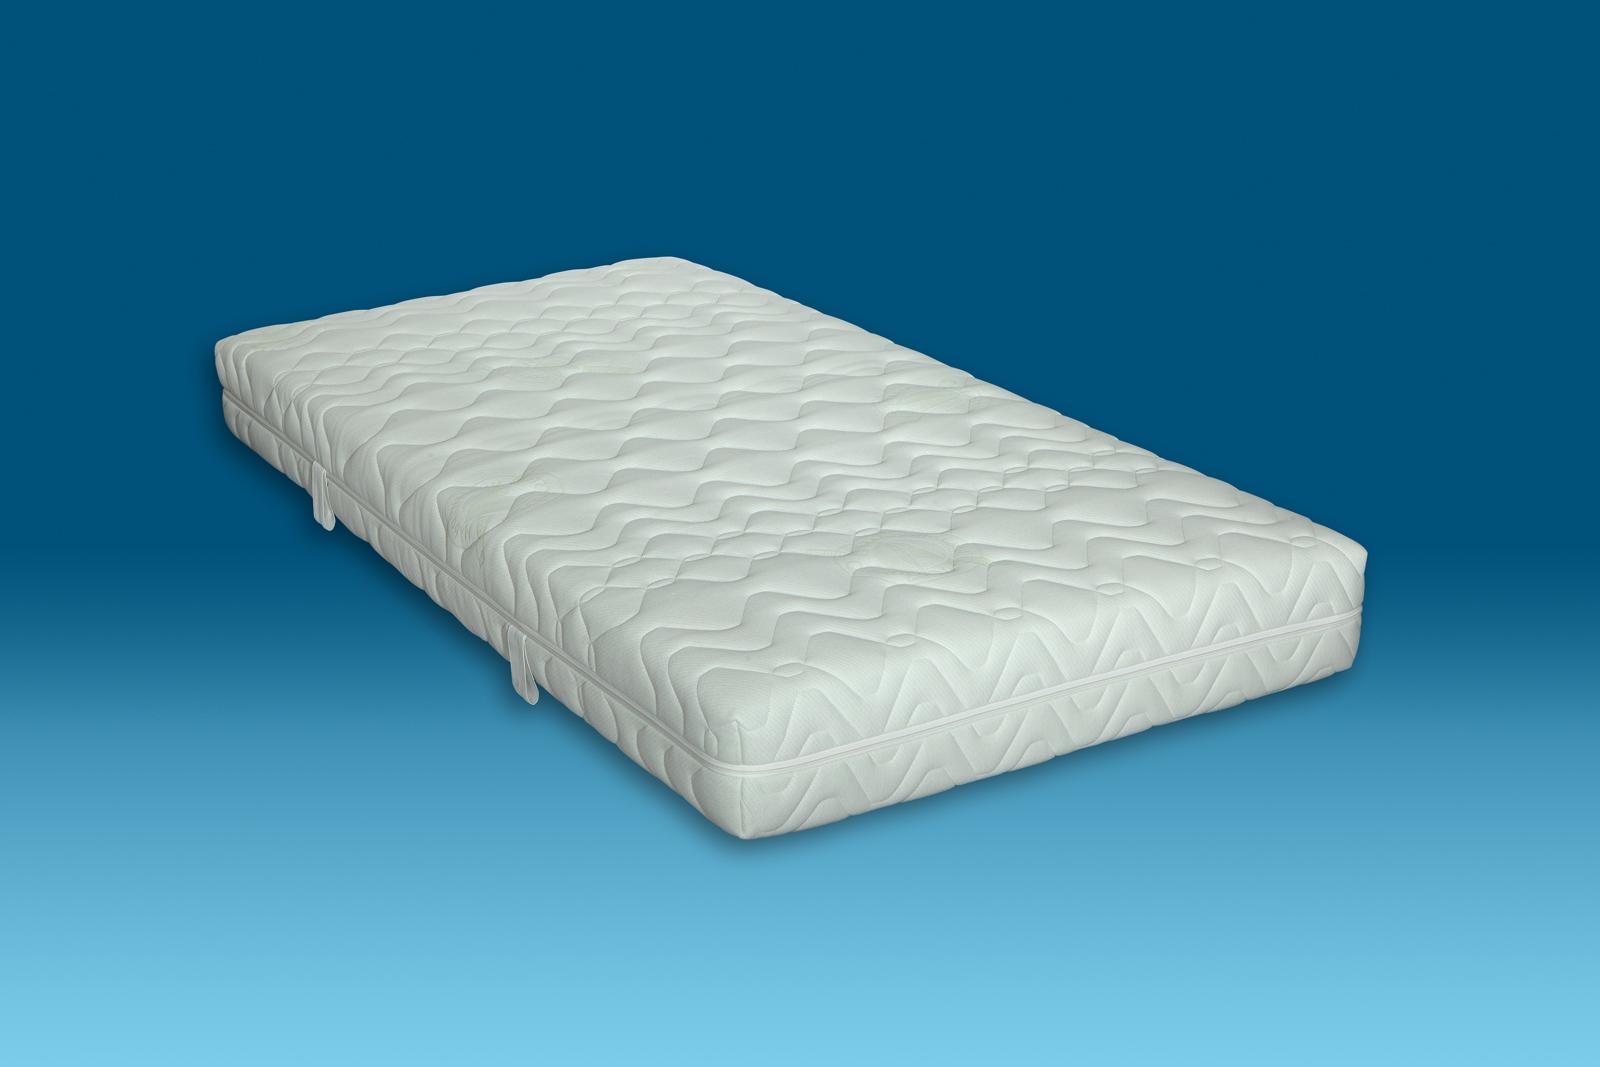 malie matratzen 80x200 polar tfk h3 greenfirst 5 zonen tonnentaschenfederkernmatratze. Black Bedroom Furniture Sets. Home Design Ideas